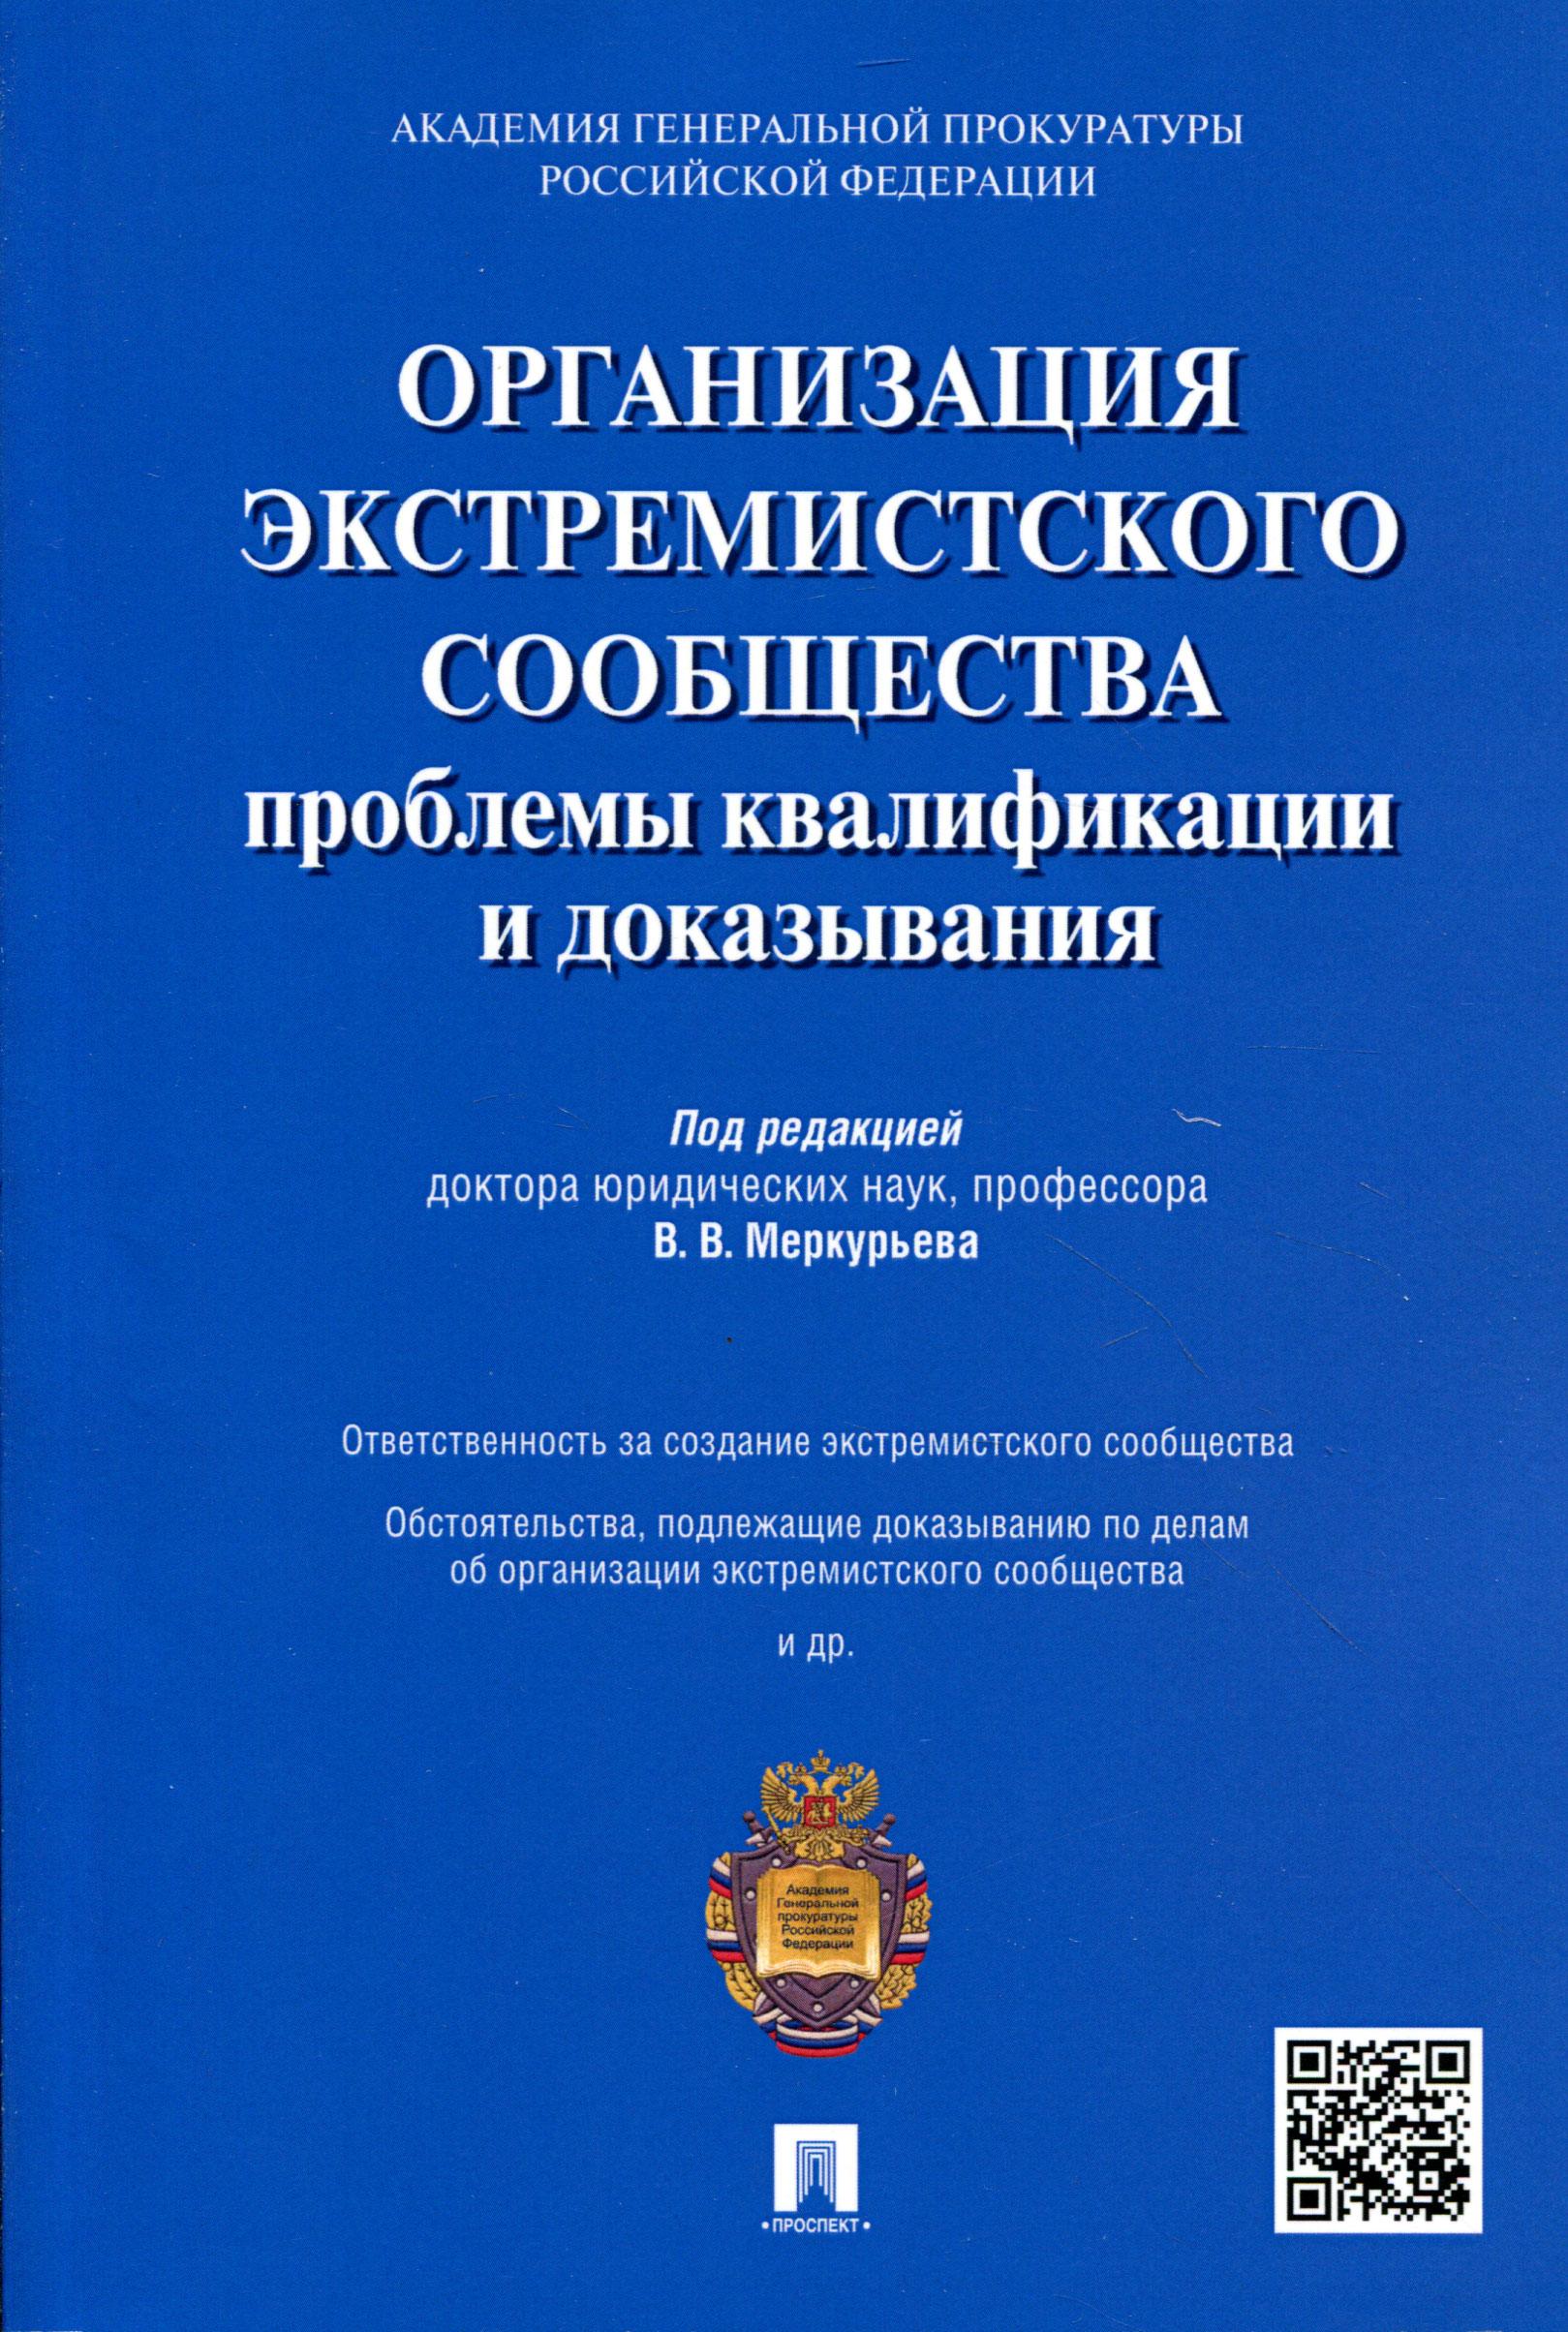 Организация экстремистского сообщества. Проблемы квалификации и доказывания. Учебное пособие